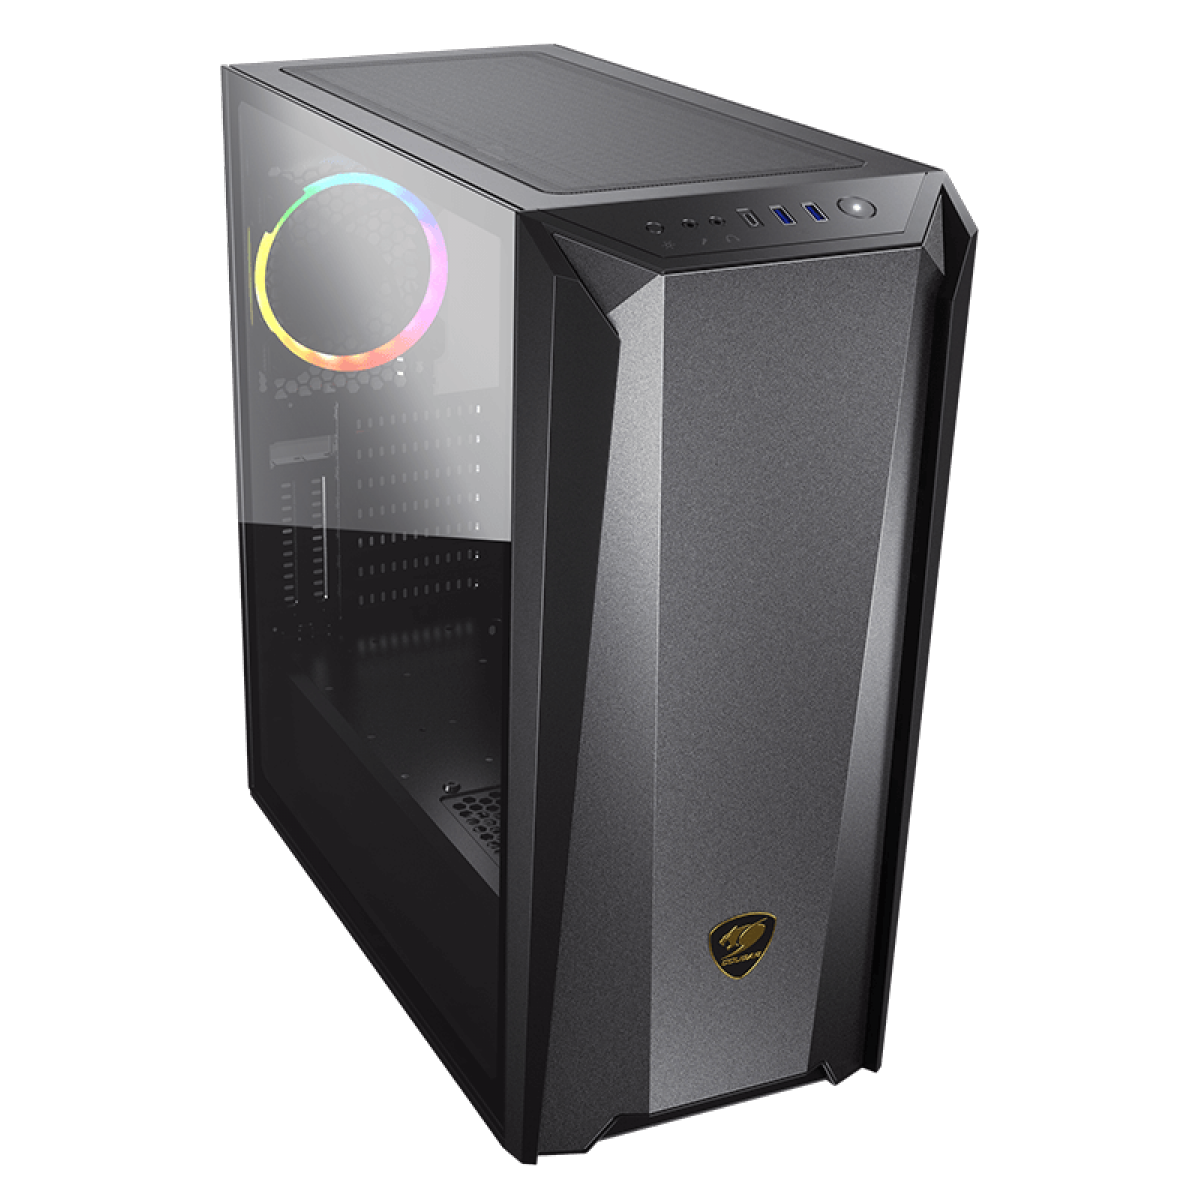 Gabinete Gamer Cougar MX660 Iron RGB, Mid Tower, Vidro Temperado, Black, ATX, Sem Fonte, Com 1 Fan, 385BMS0-0006